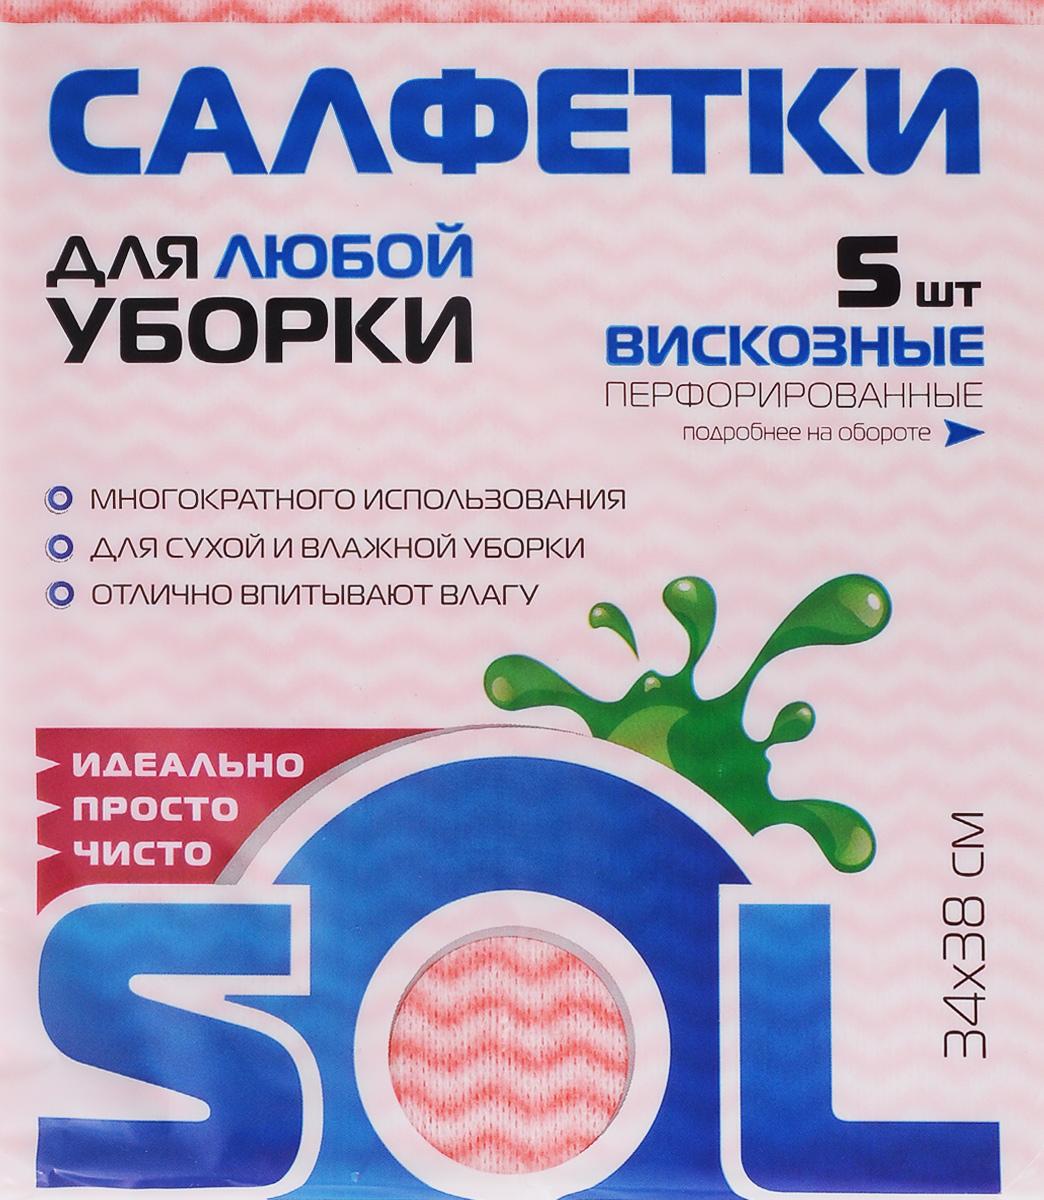 Салфетка для уборки Sol, из вискозы, перфорированная, цвет: розовый, зеленый, 34 x 38 см, 5 шт цена